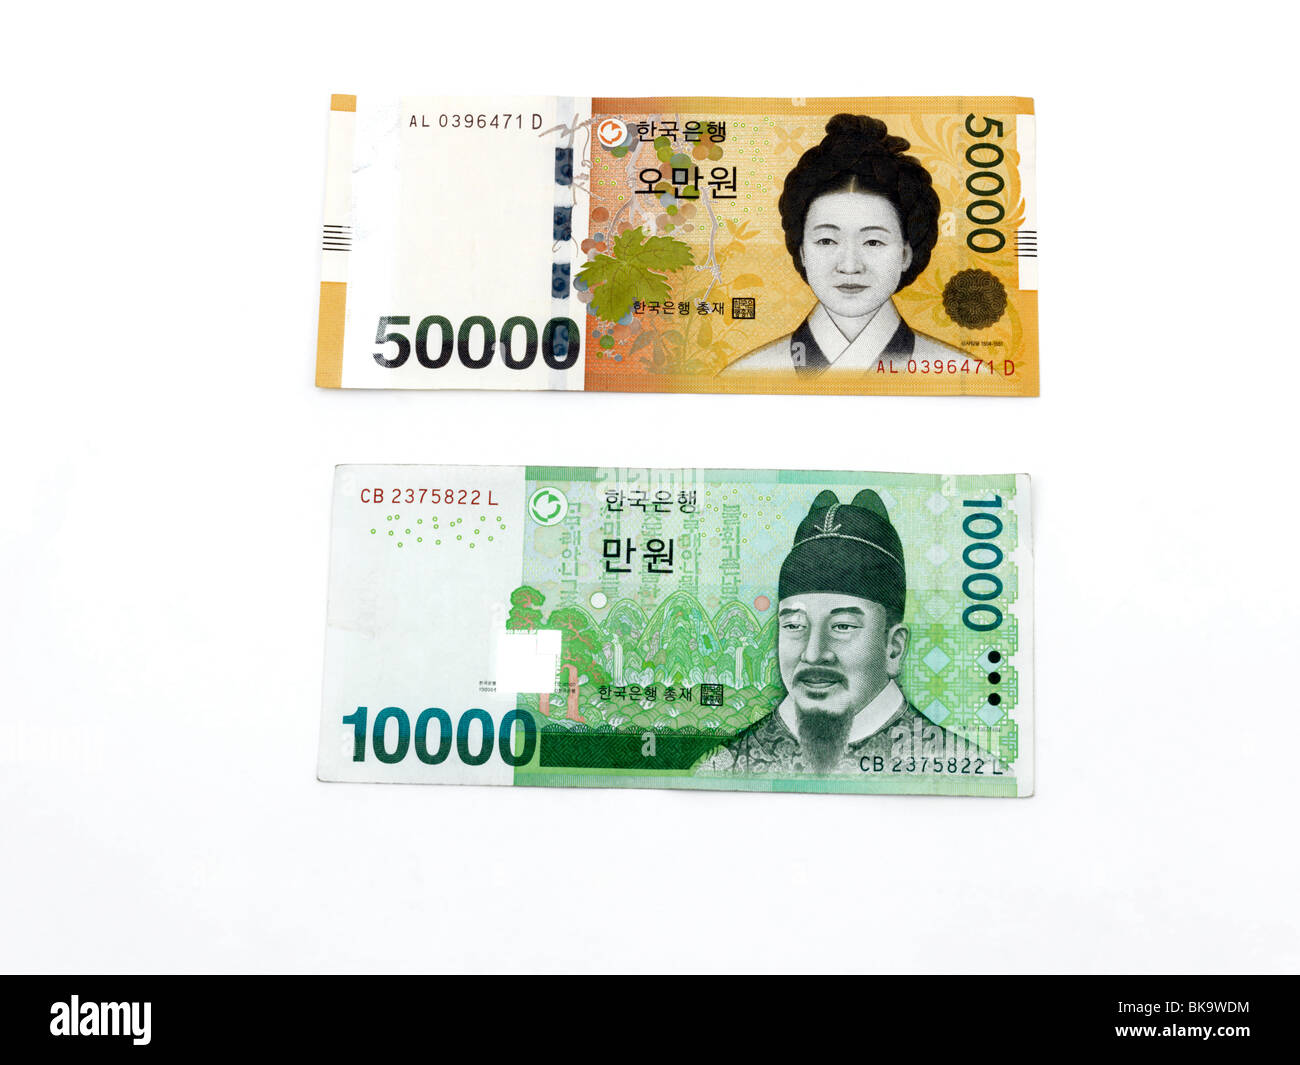 South Korea 50000 Won Banknote Circulated South Korean 50,000 Banknotes